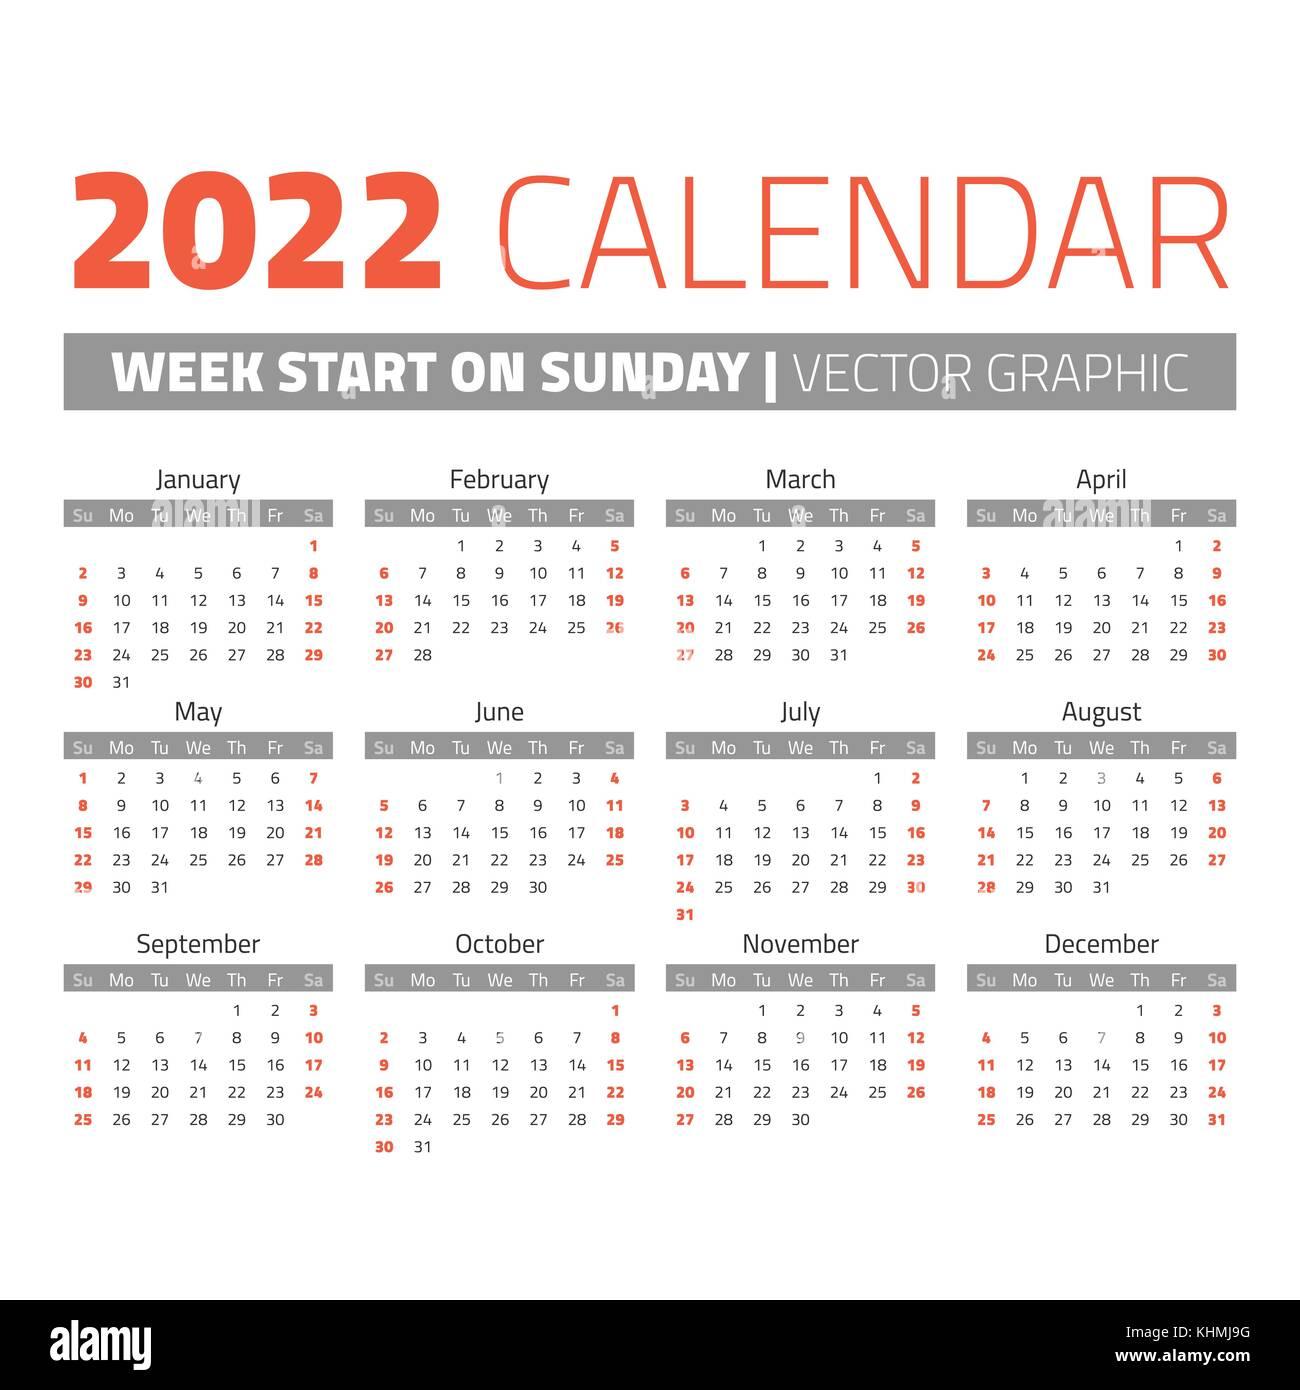 2022 Calendar Dates.Simple 2022 Year Calendar Stock Vector Image Art Alamy